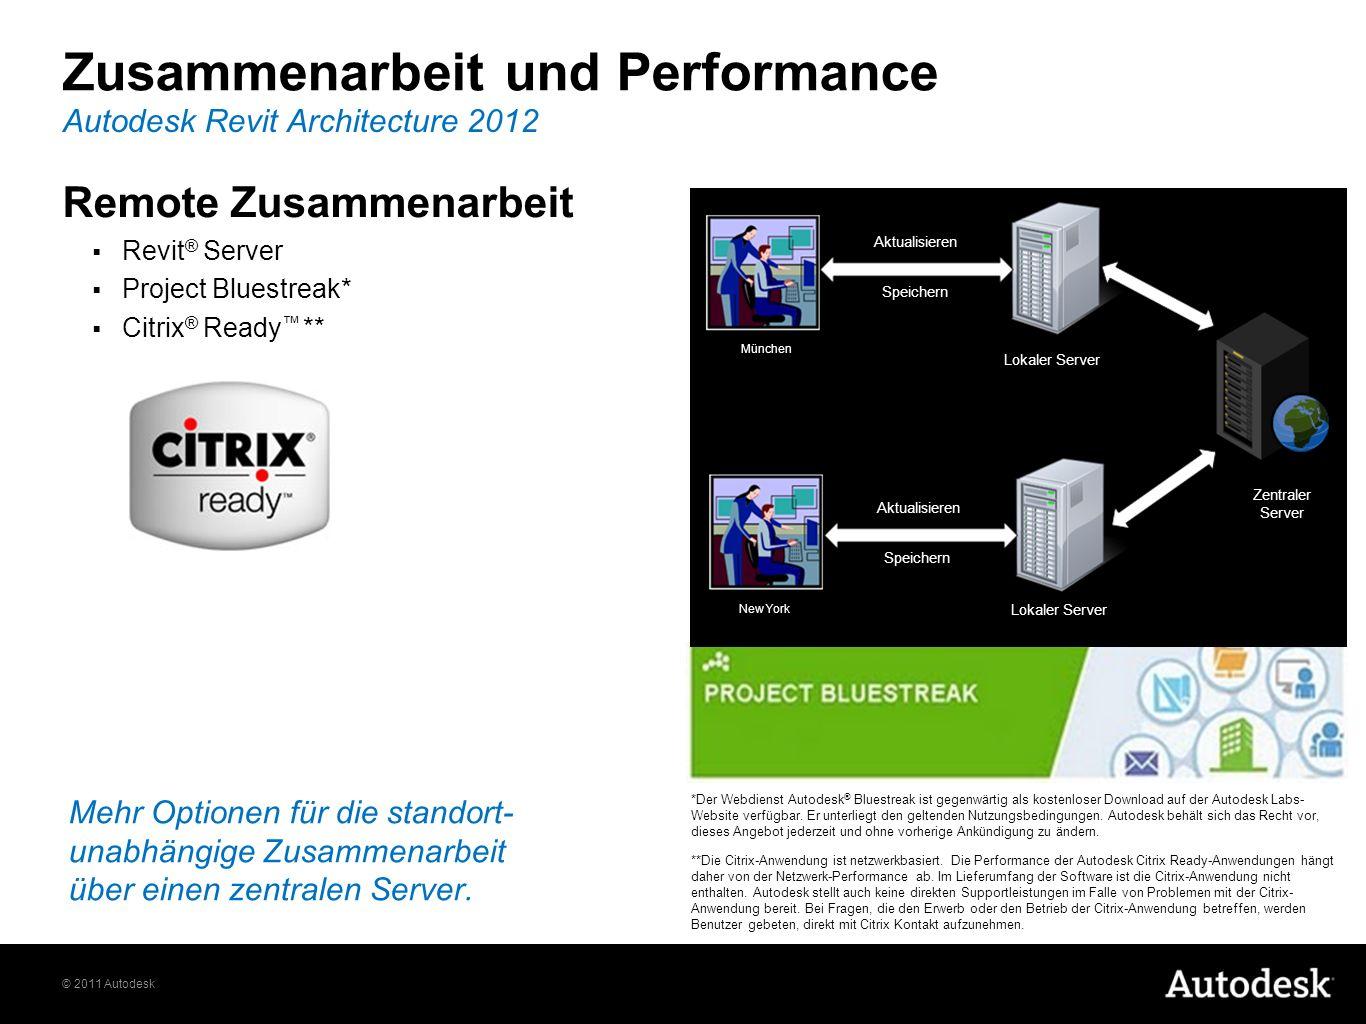 © 2011 Autodesk Remote Zusammenarbeit Revit ® Server Project Bluestreak* Citrix ® Ready ** Autodesk Revit Architecture 2012 Zusammenarbeit und Performance Mehr Optionen für die standort- unabhängige Zusammenarbeit über einen zentralen Server.